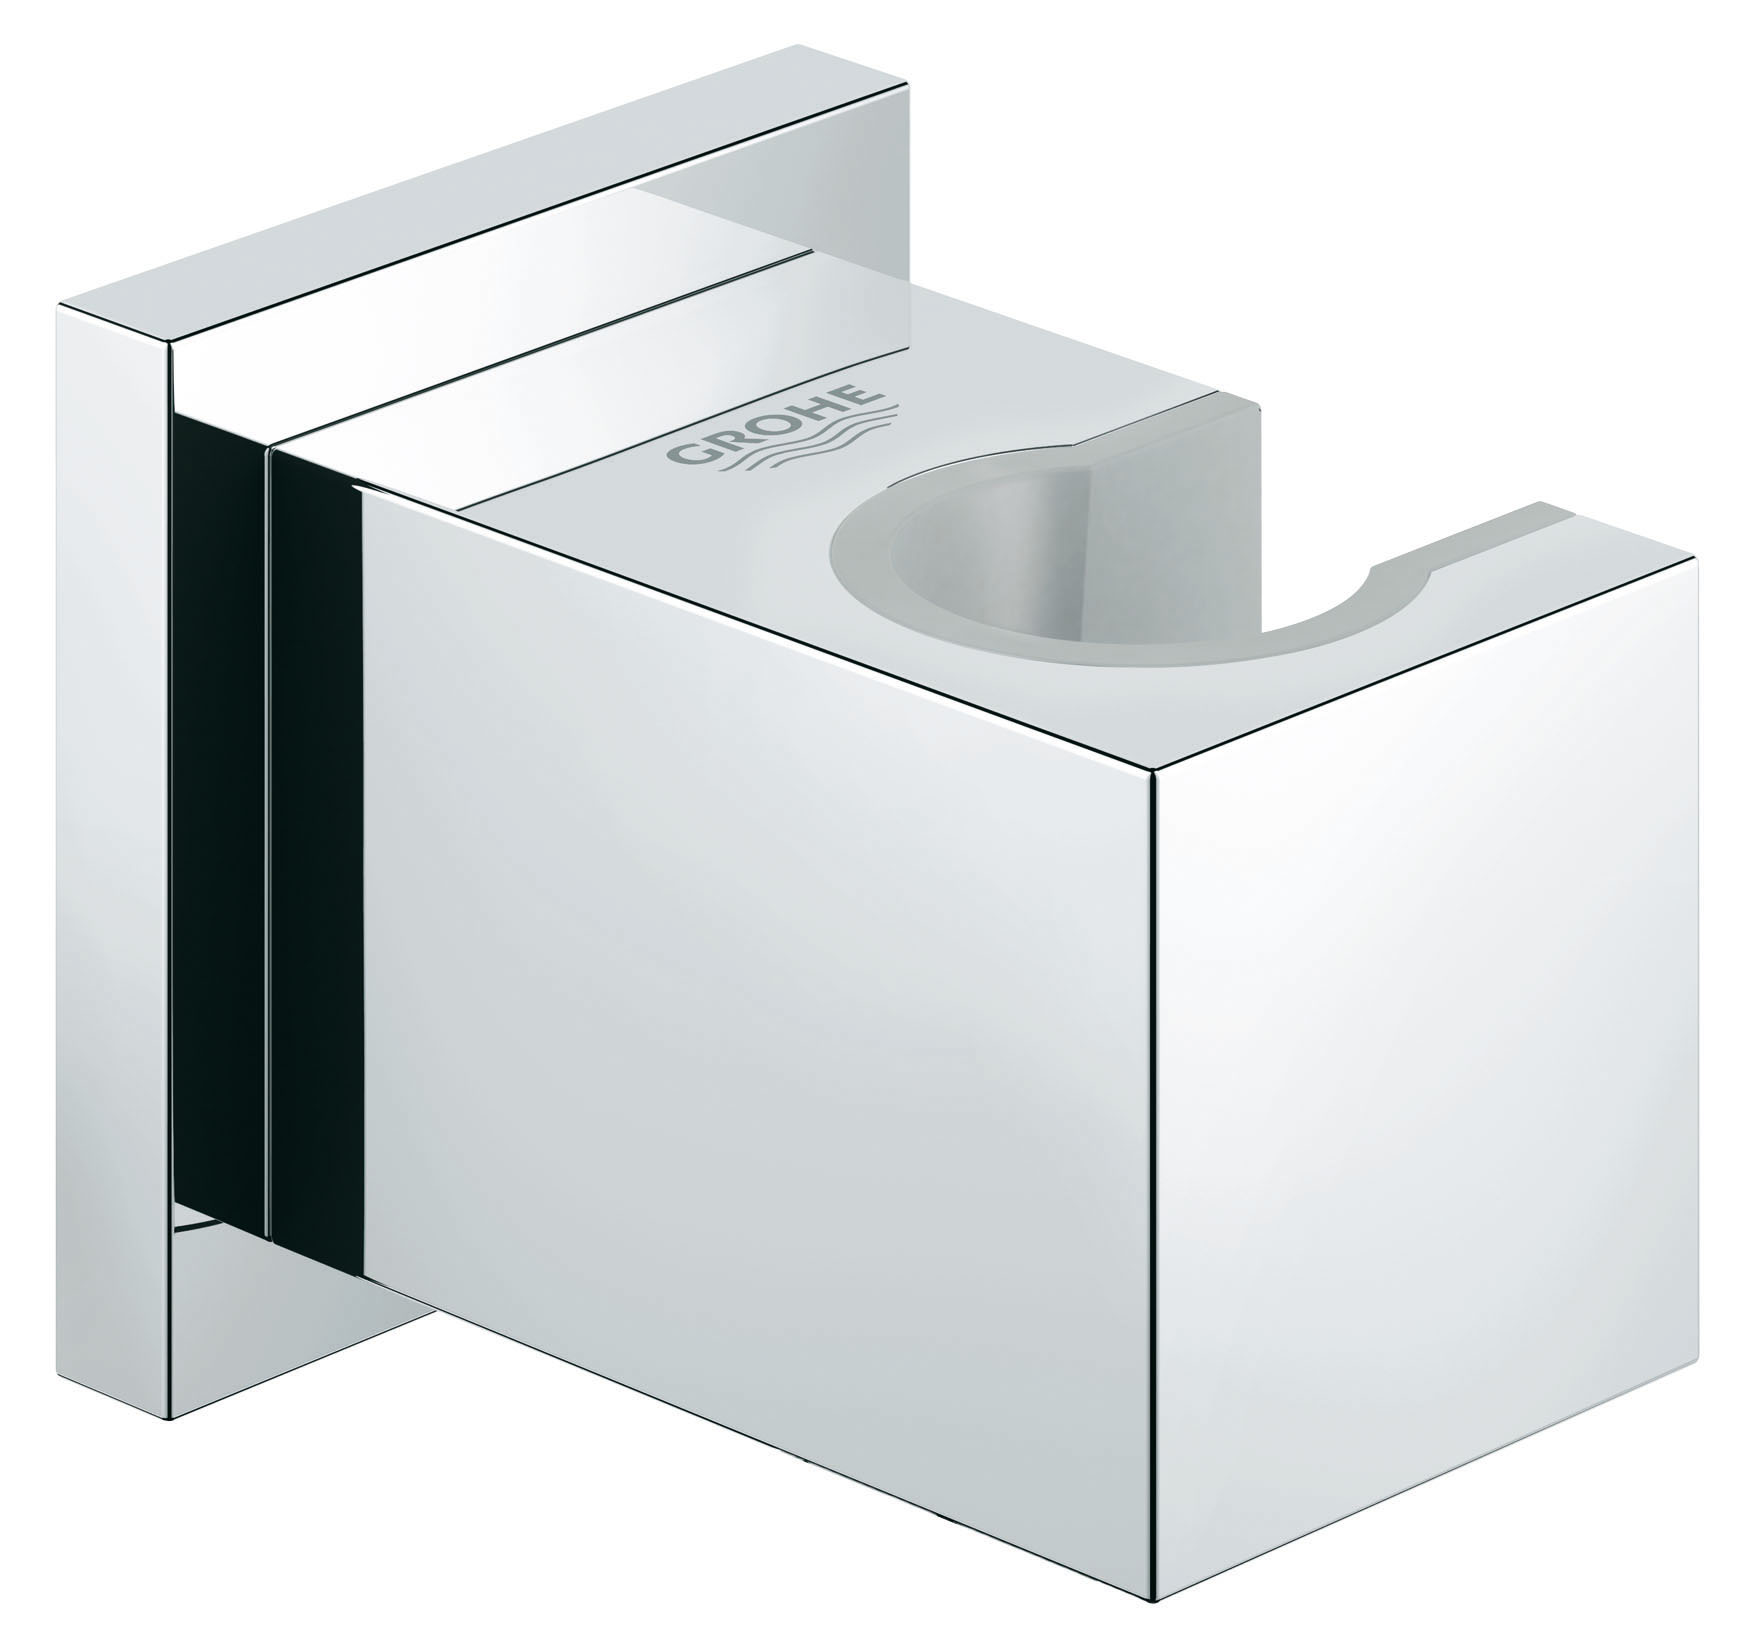 """Держатель душевой лейки Grohe """"Euphoria Cube"""" изготовлен из высококачественной латуни с надежным хромированным покрытием, которое гарантирует идеальный зеркальный блеск и защиту изделия на долгий срок."""